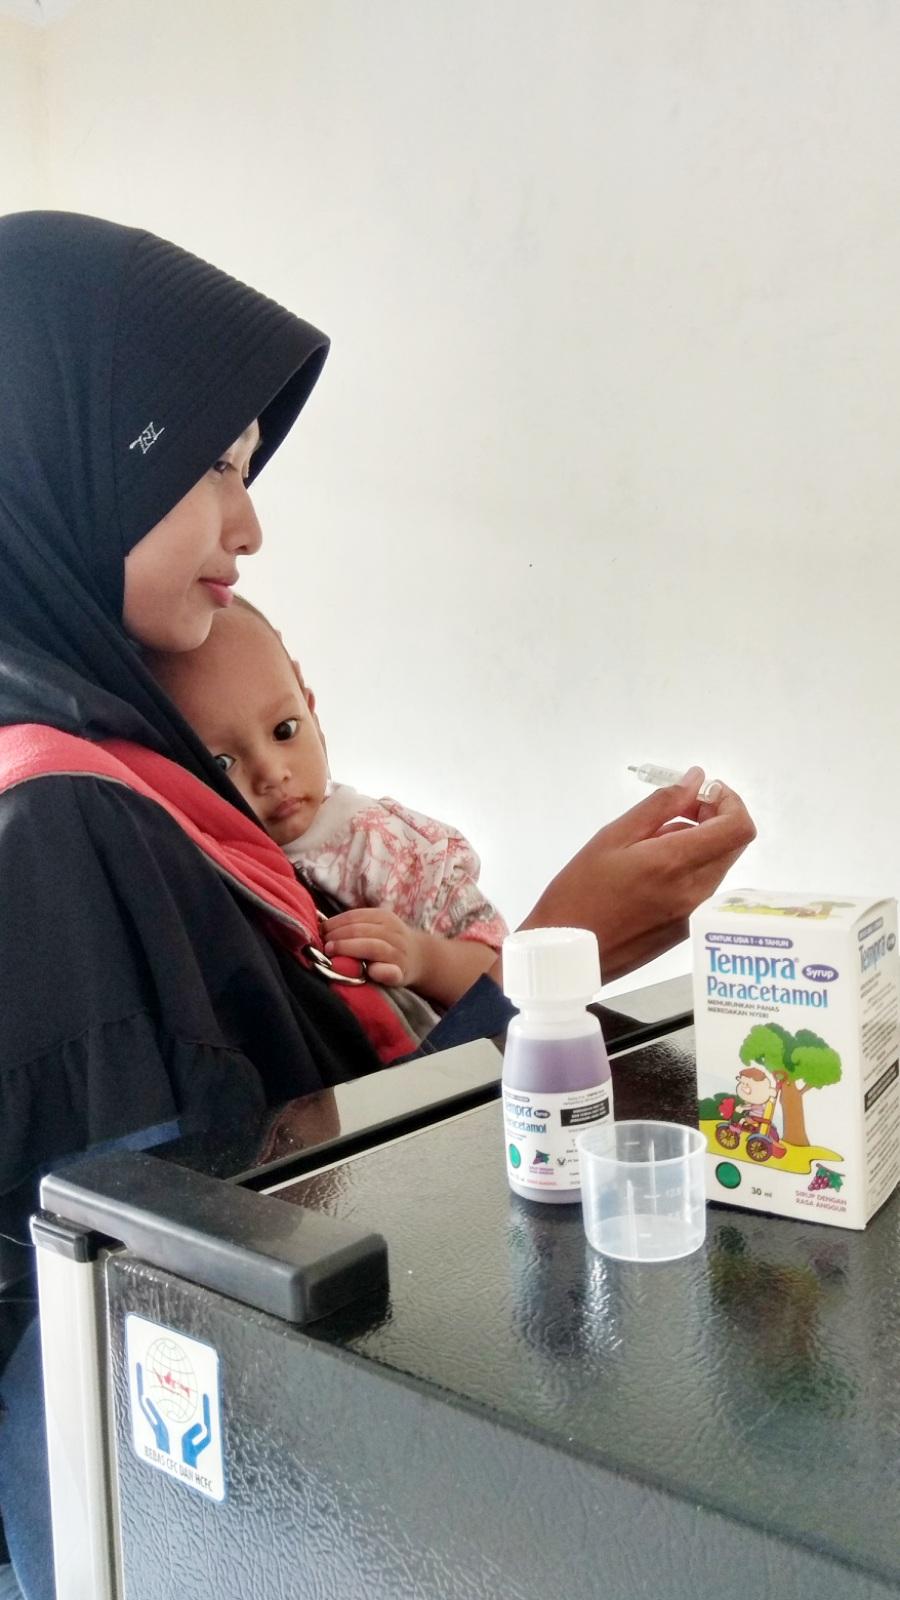 Bukti Cinta Seorang Ibu Sweet Home Tempra Syrup 60ml Tapi Kalau Udah Rewel Dan Manja Baru Lah Saya Kasih Minum Obat Penurun Panas Andalan Adalah